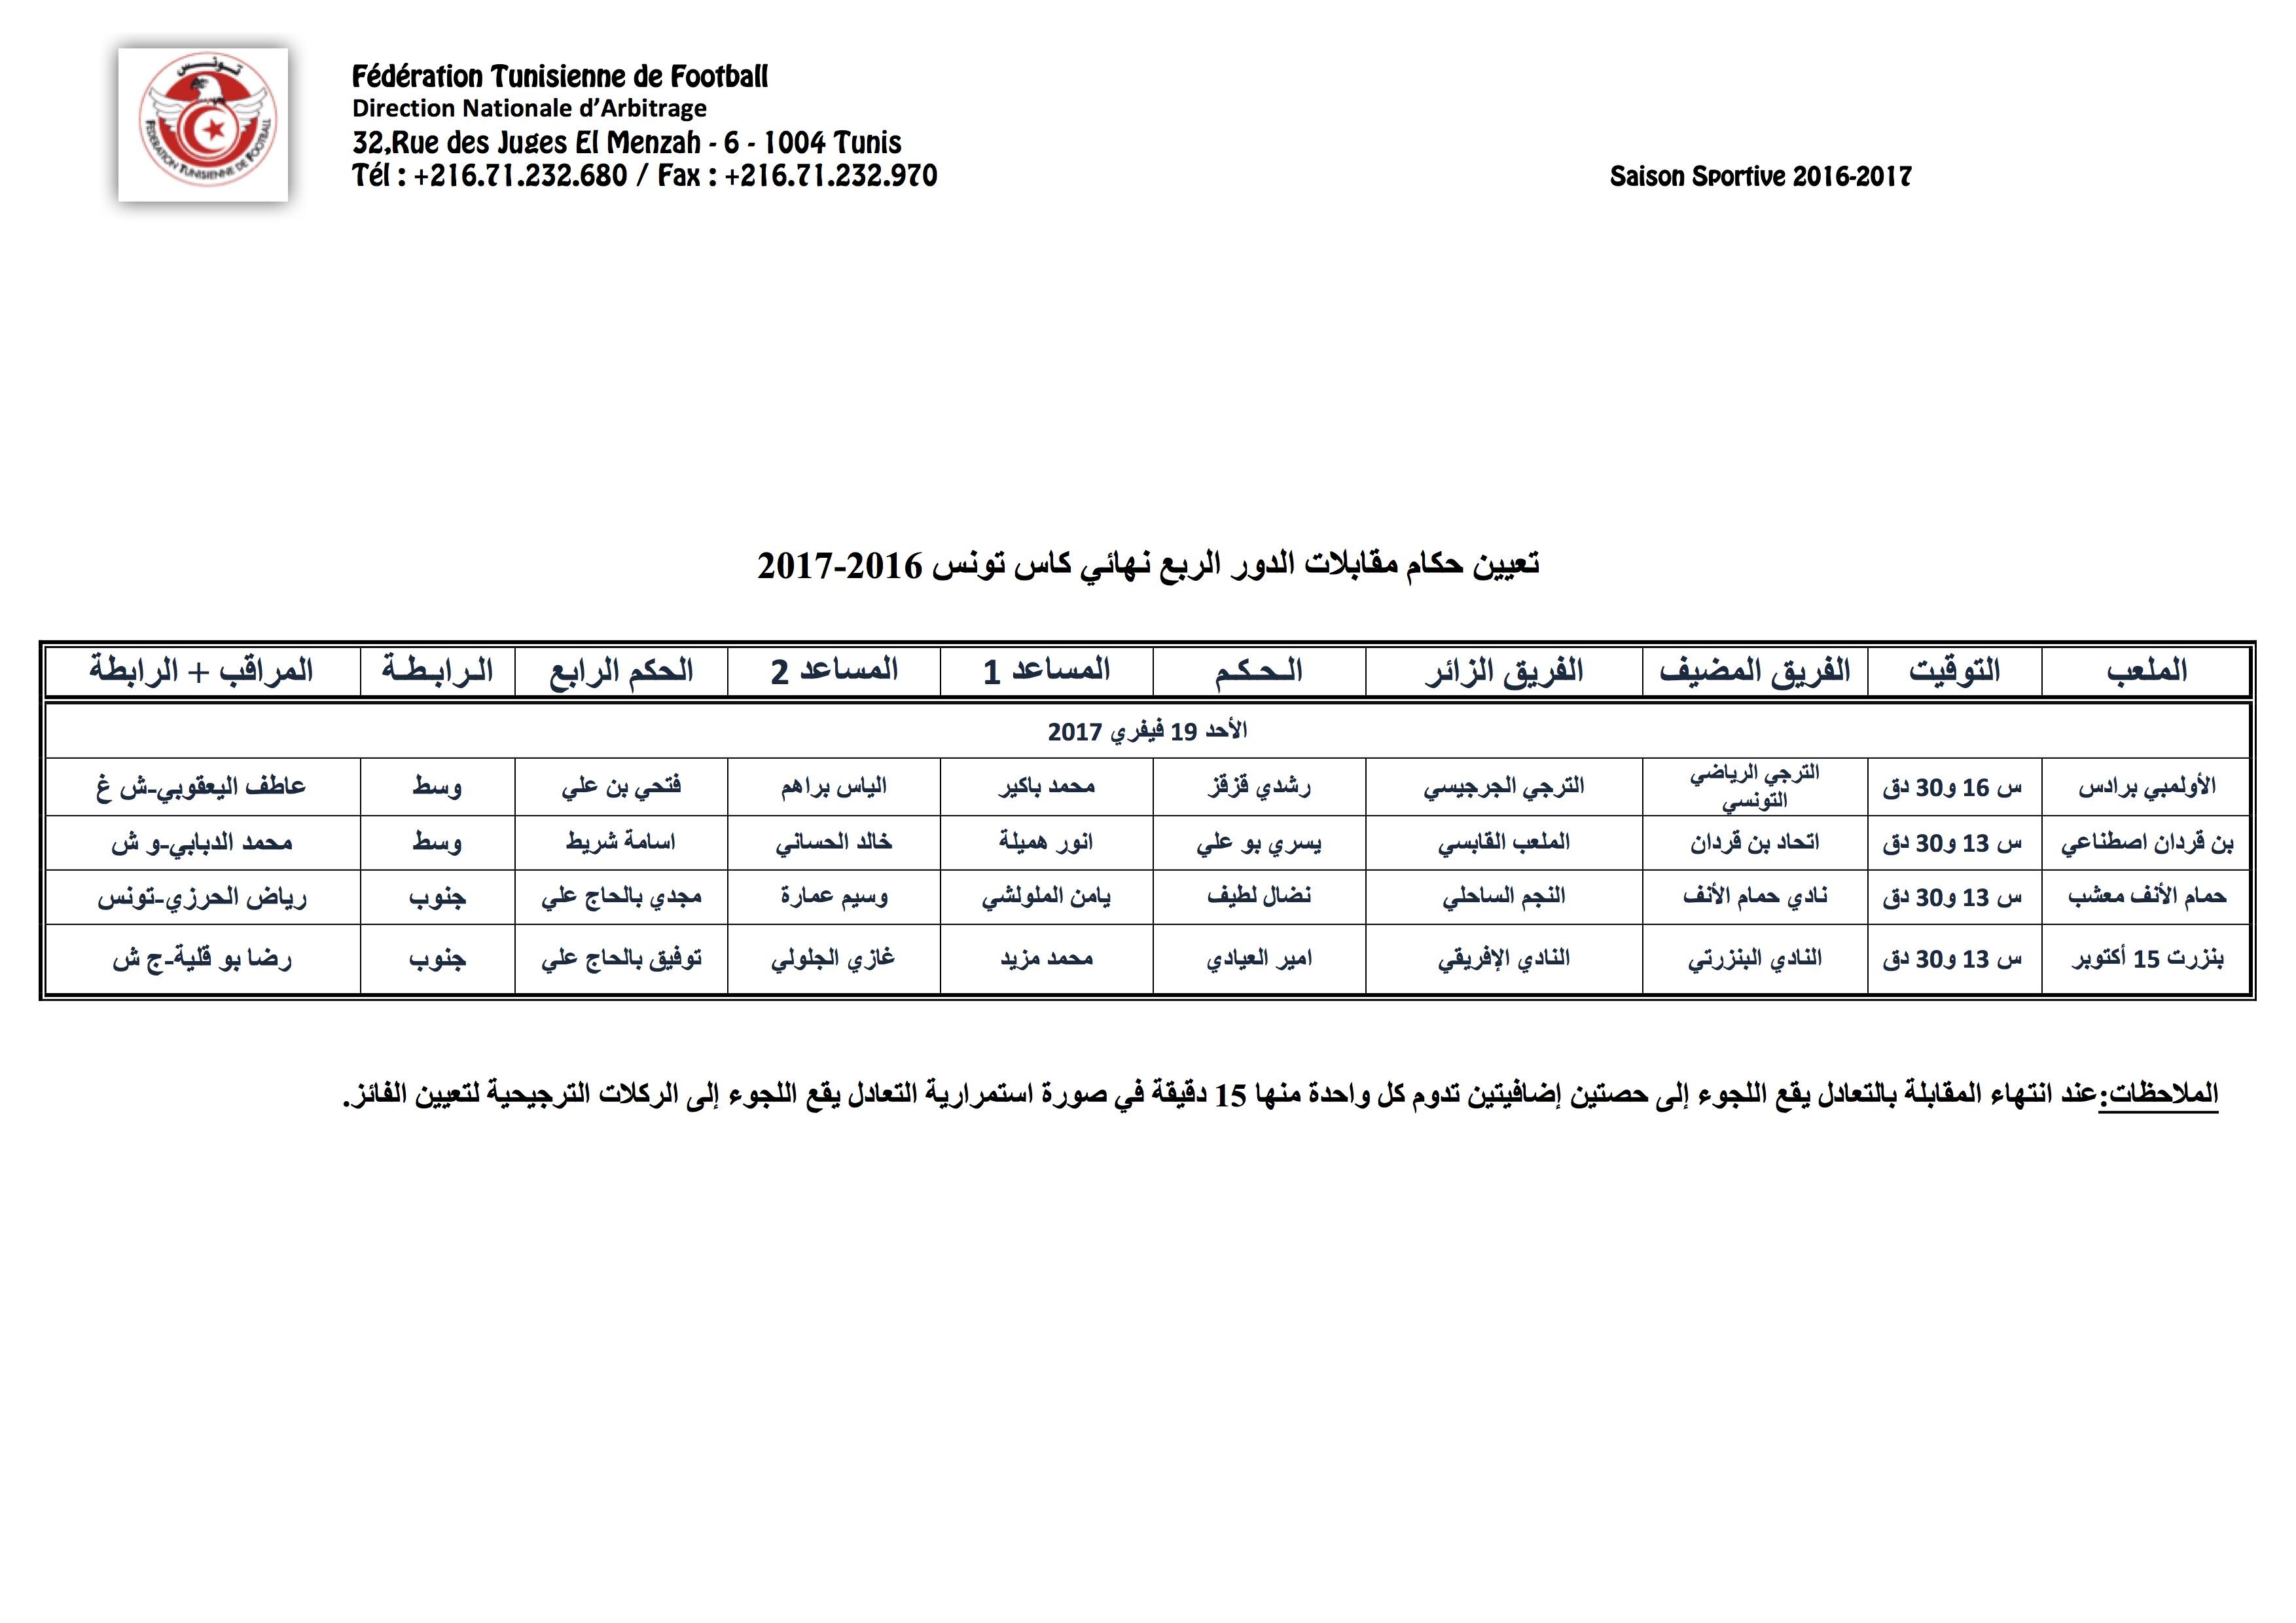 Arbitres Quarts de finales coupe de tunisie